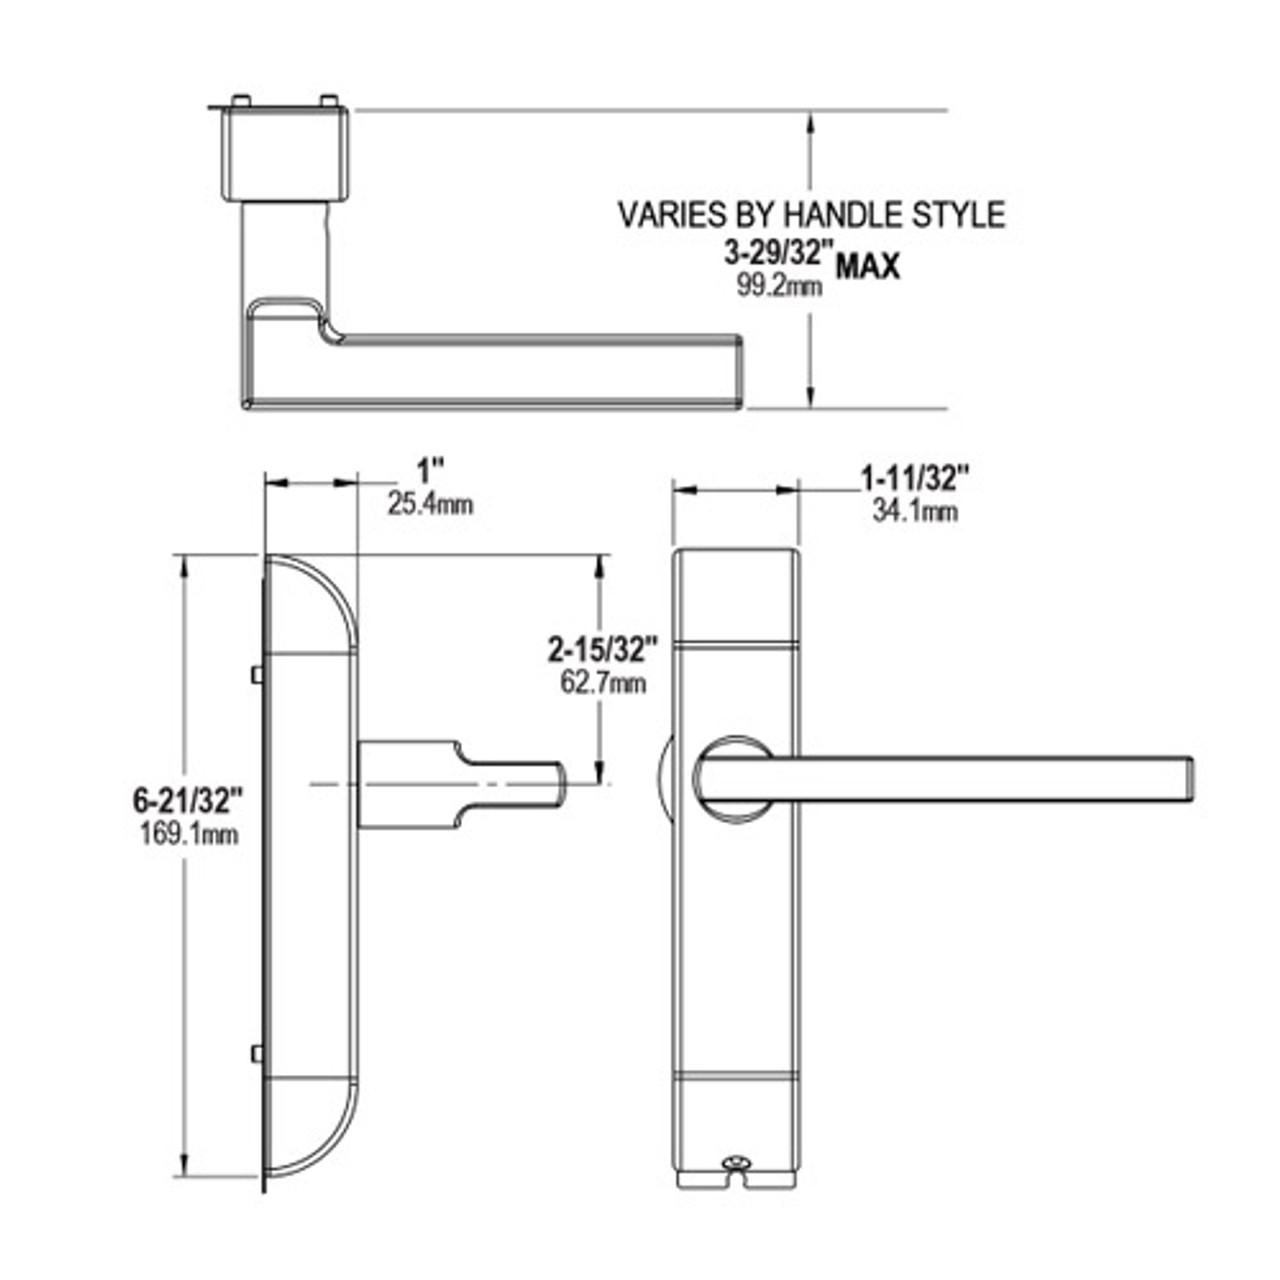 4600M-MJ-552-US32 Adams Rite MJ Designer handle Dimensional View